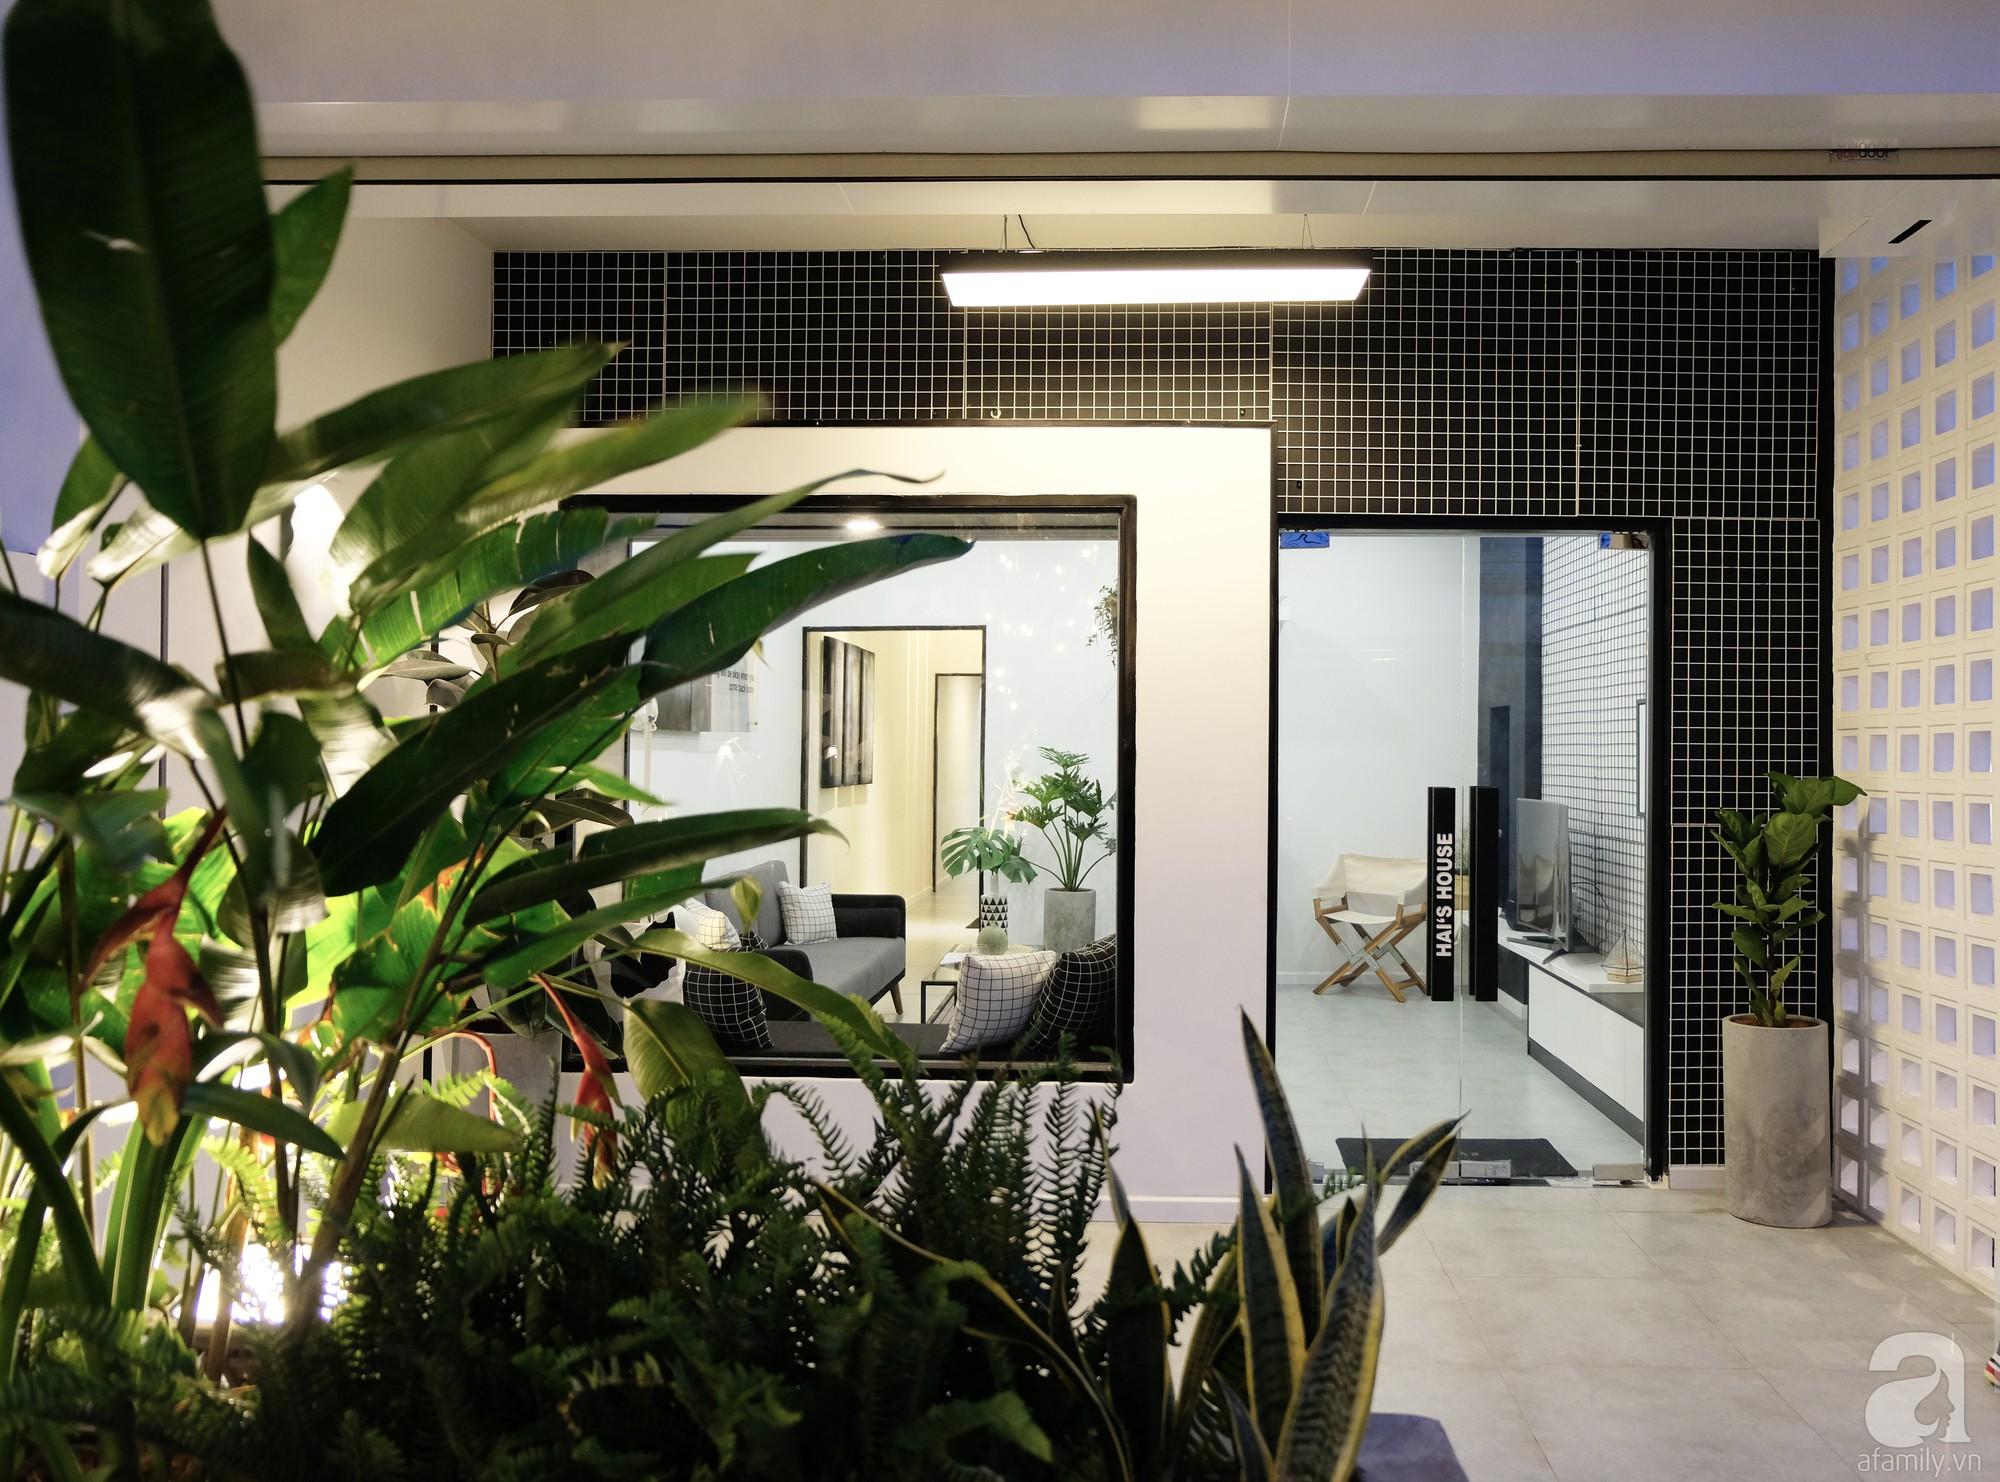 3 ngôi nhà cấp 4 đẹp và chất chẳng kém nhà lầu, được ưa thích nhất năm 2018 - Ảnh 6.